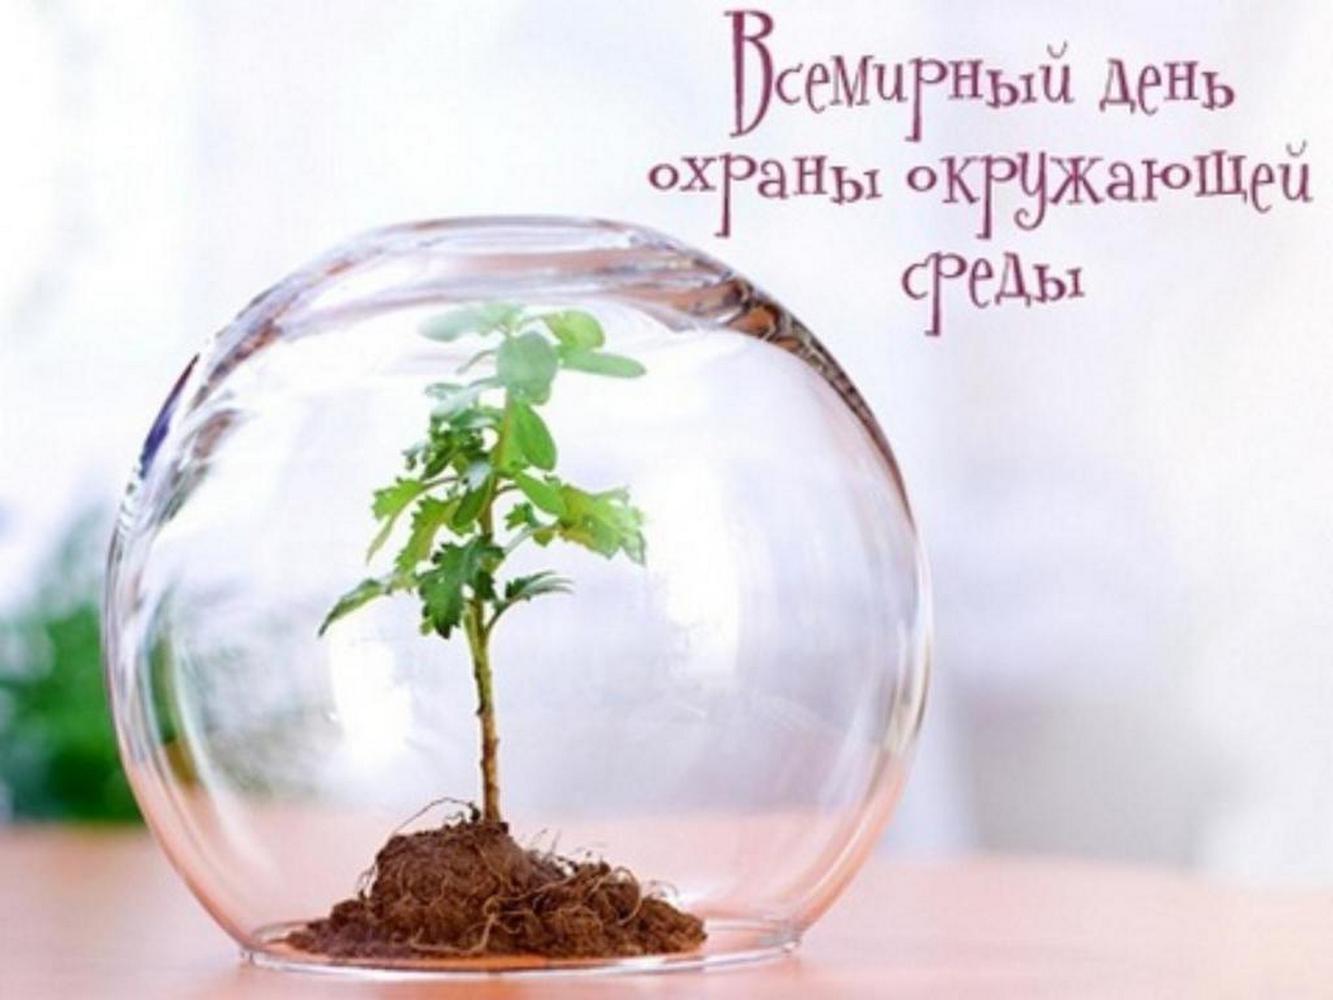 всемирный день защиты окружающей среды